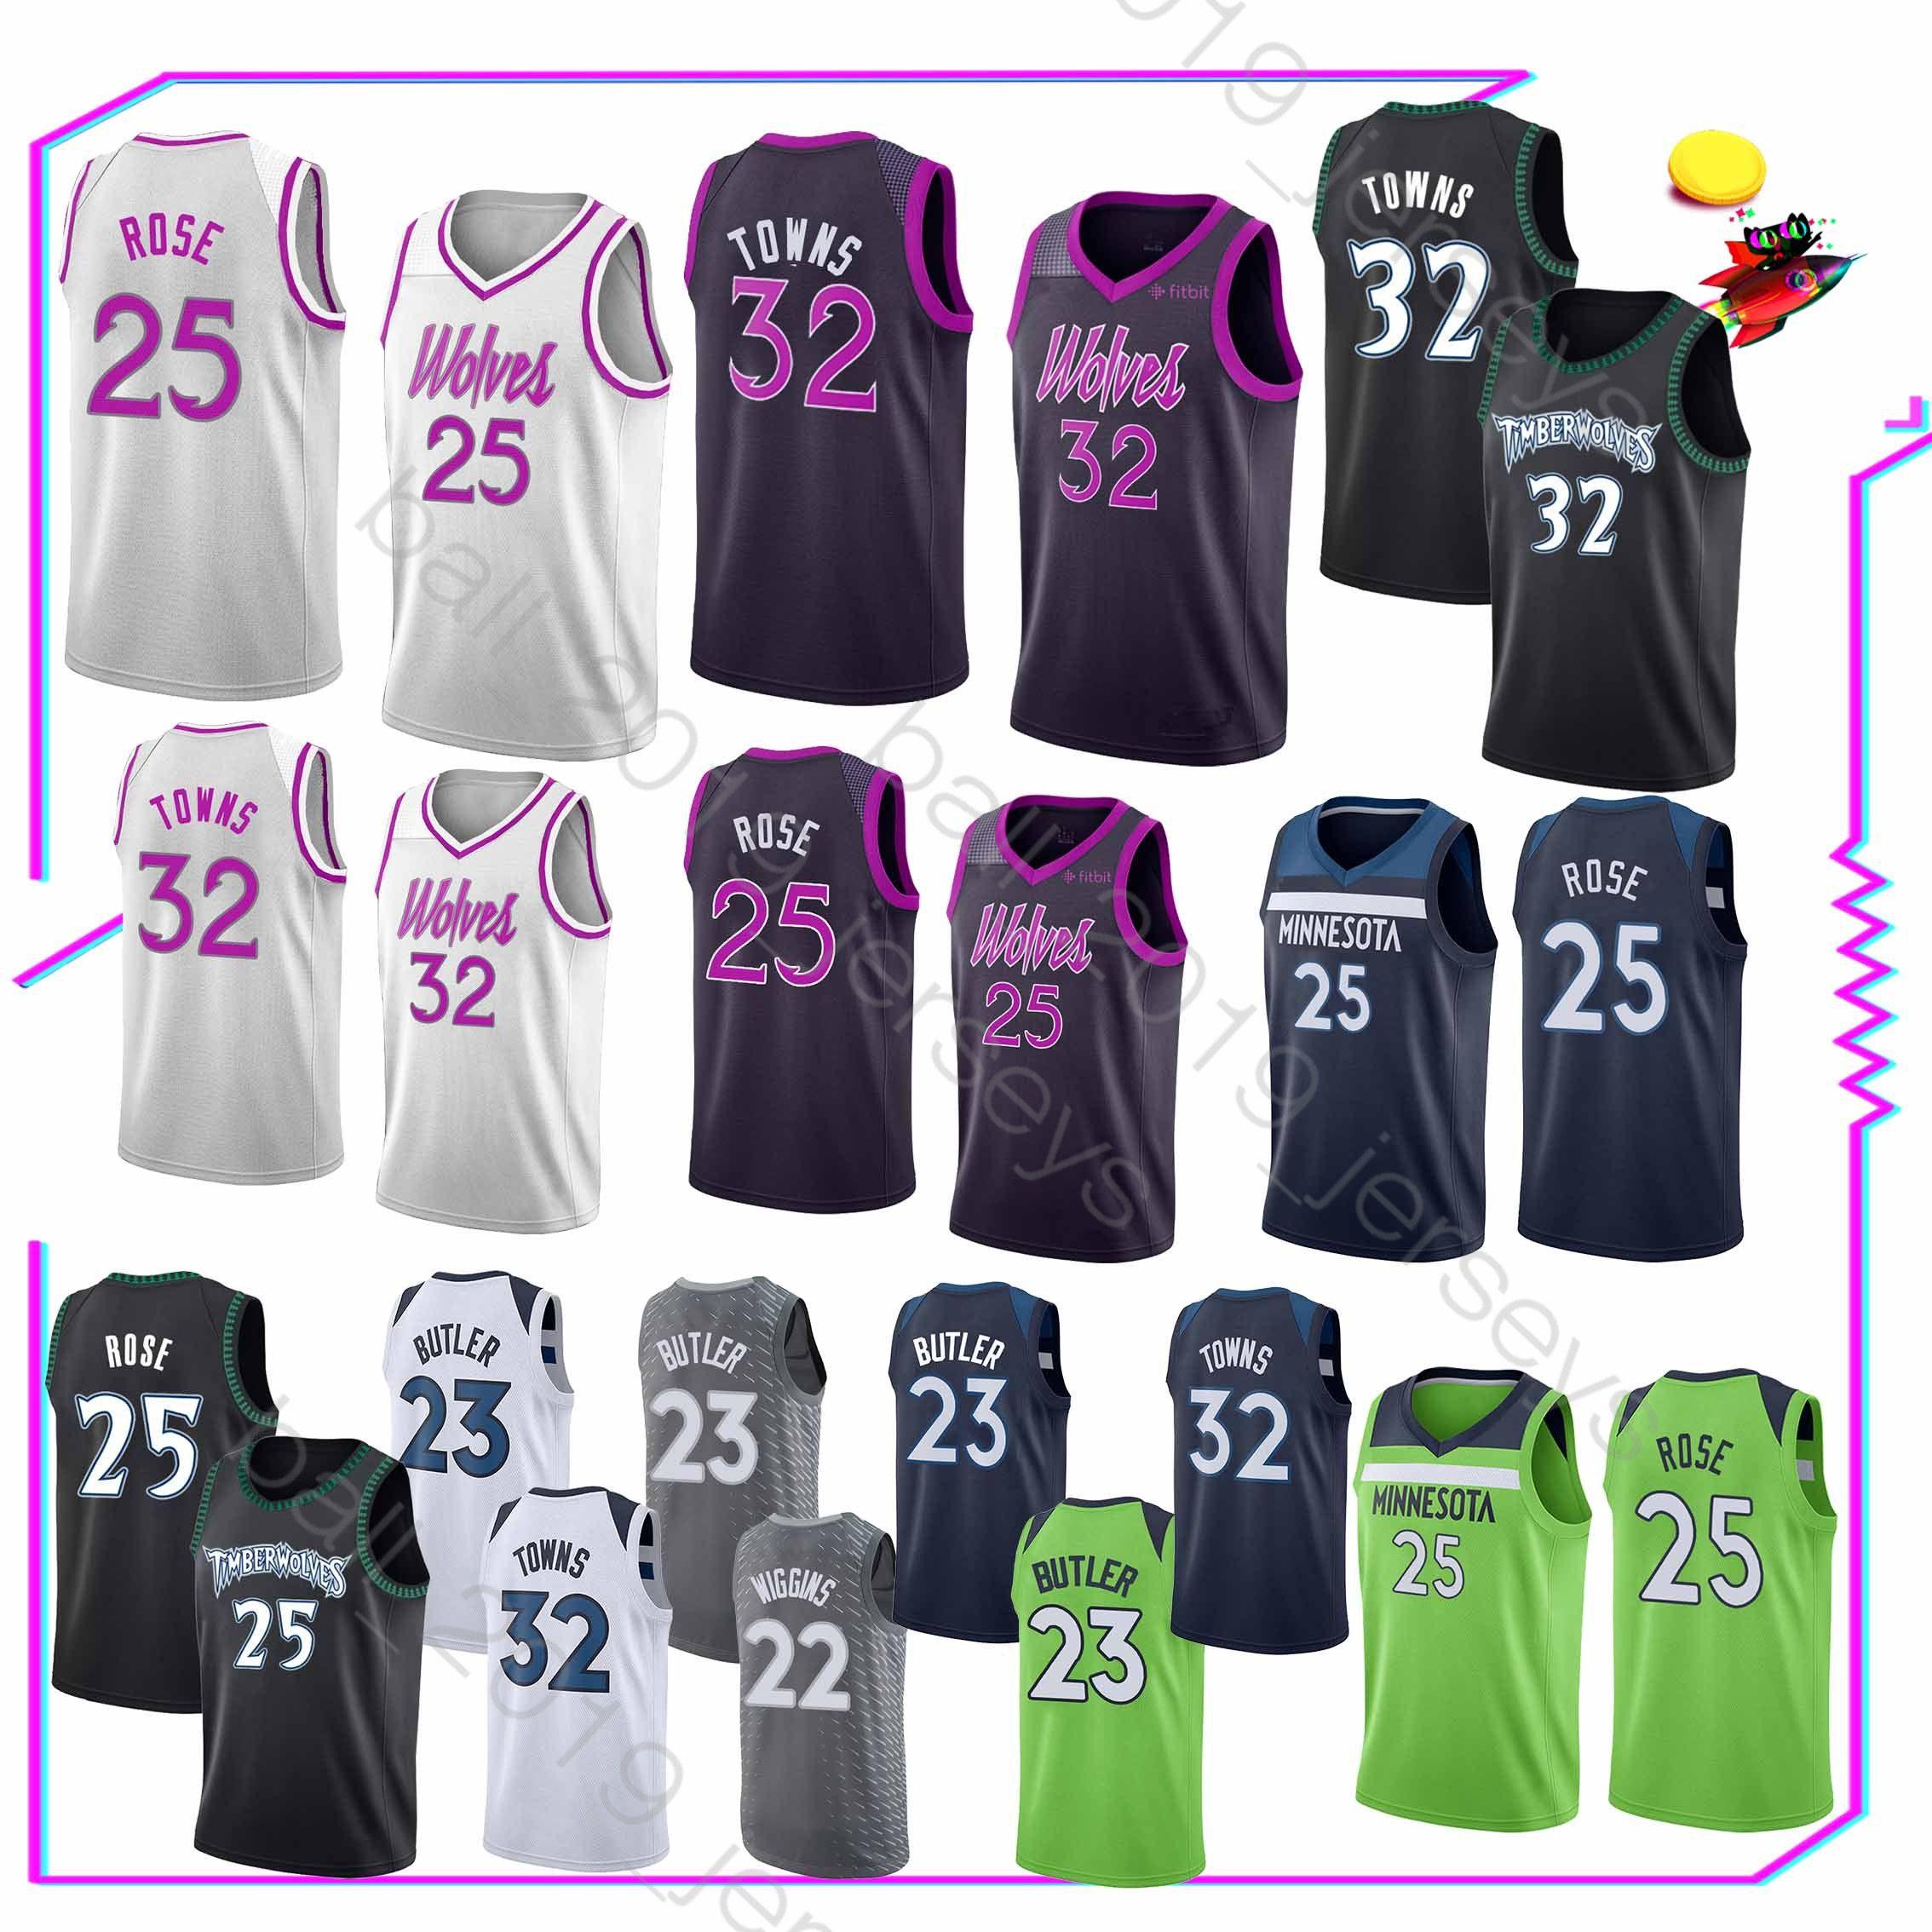 25 Rose jersey Timberwolves Jersey 32 Towns 22 Wiggins Jerseys 2019 new hot  sale Basketball T shirt